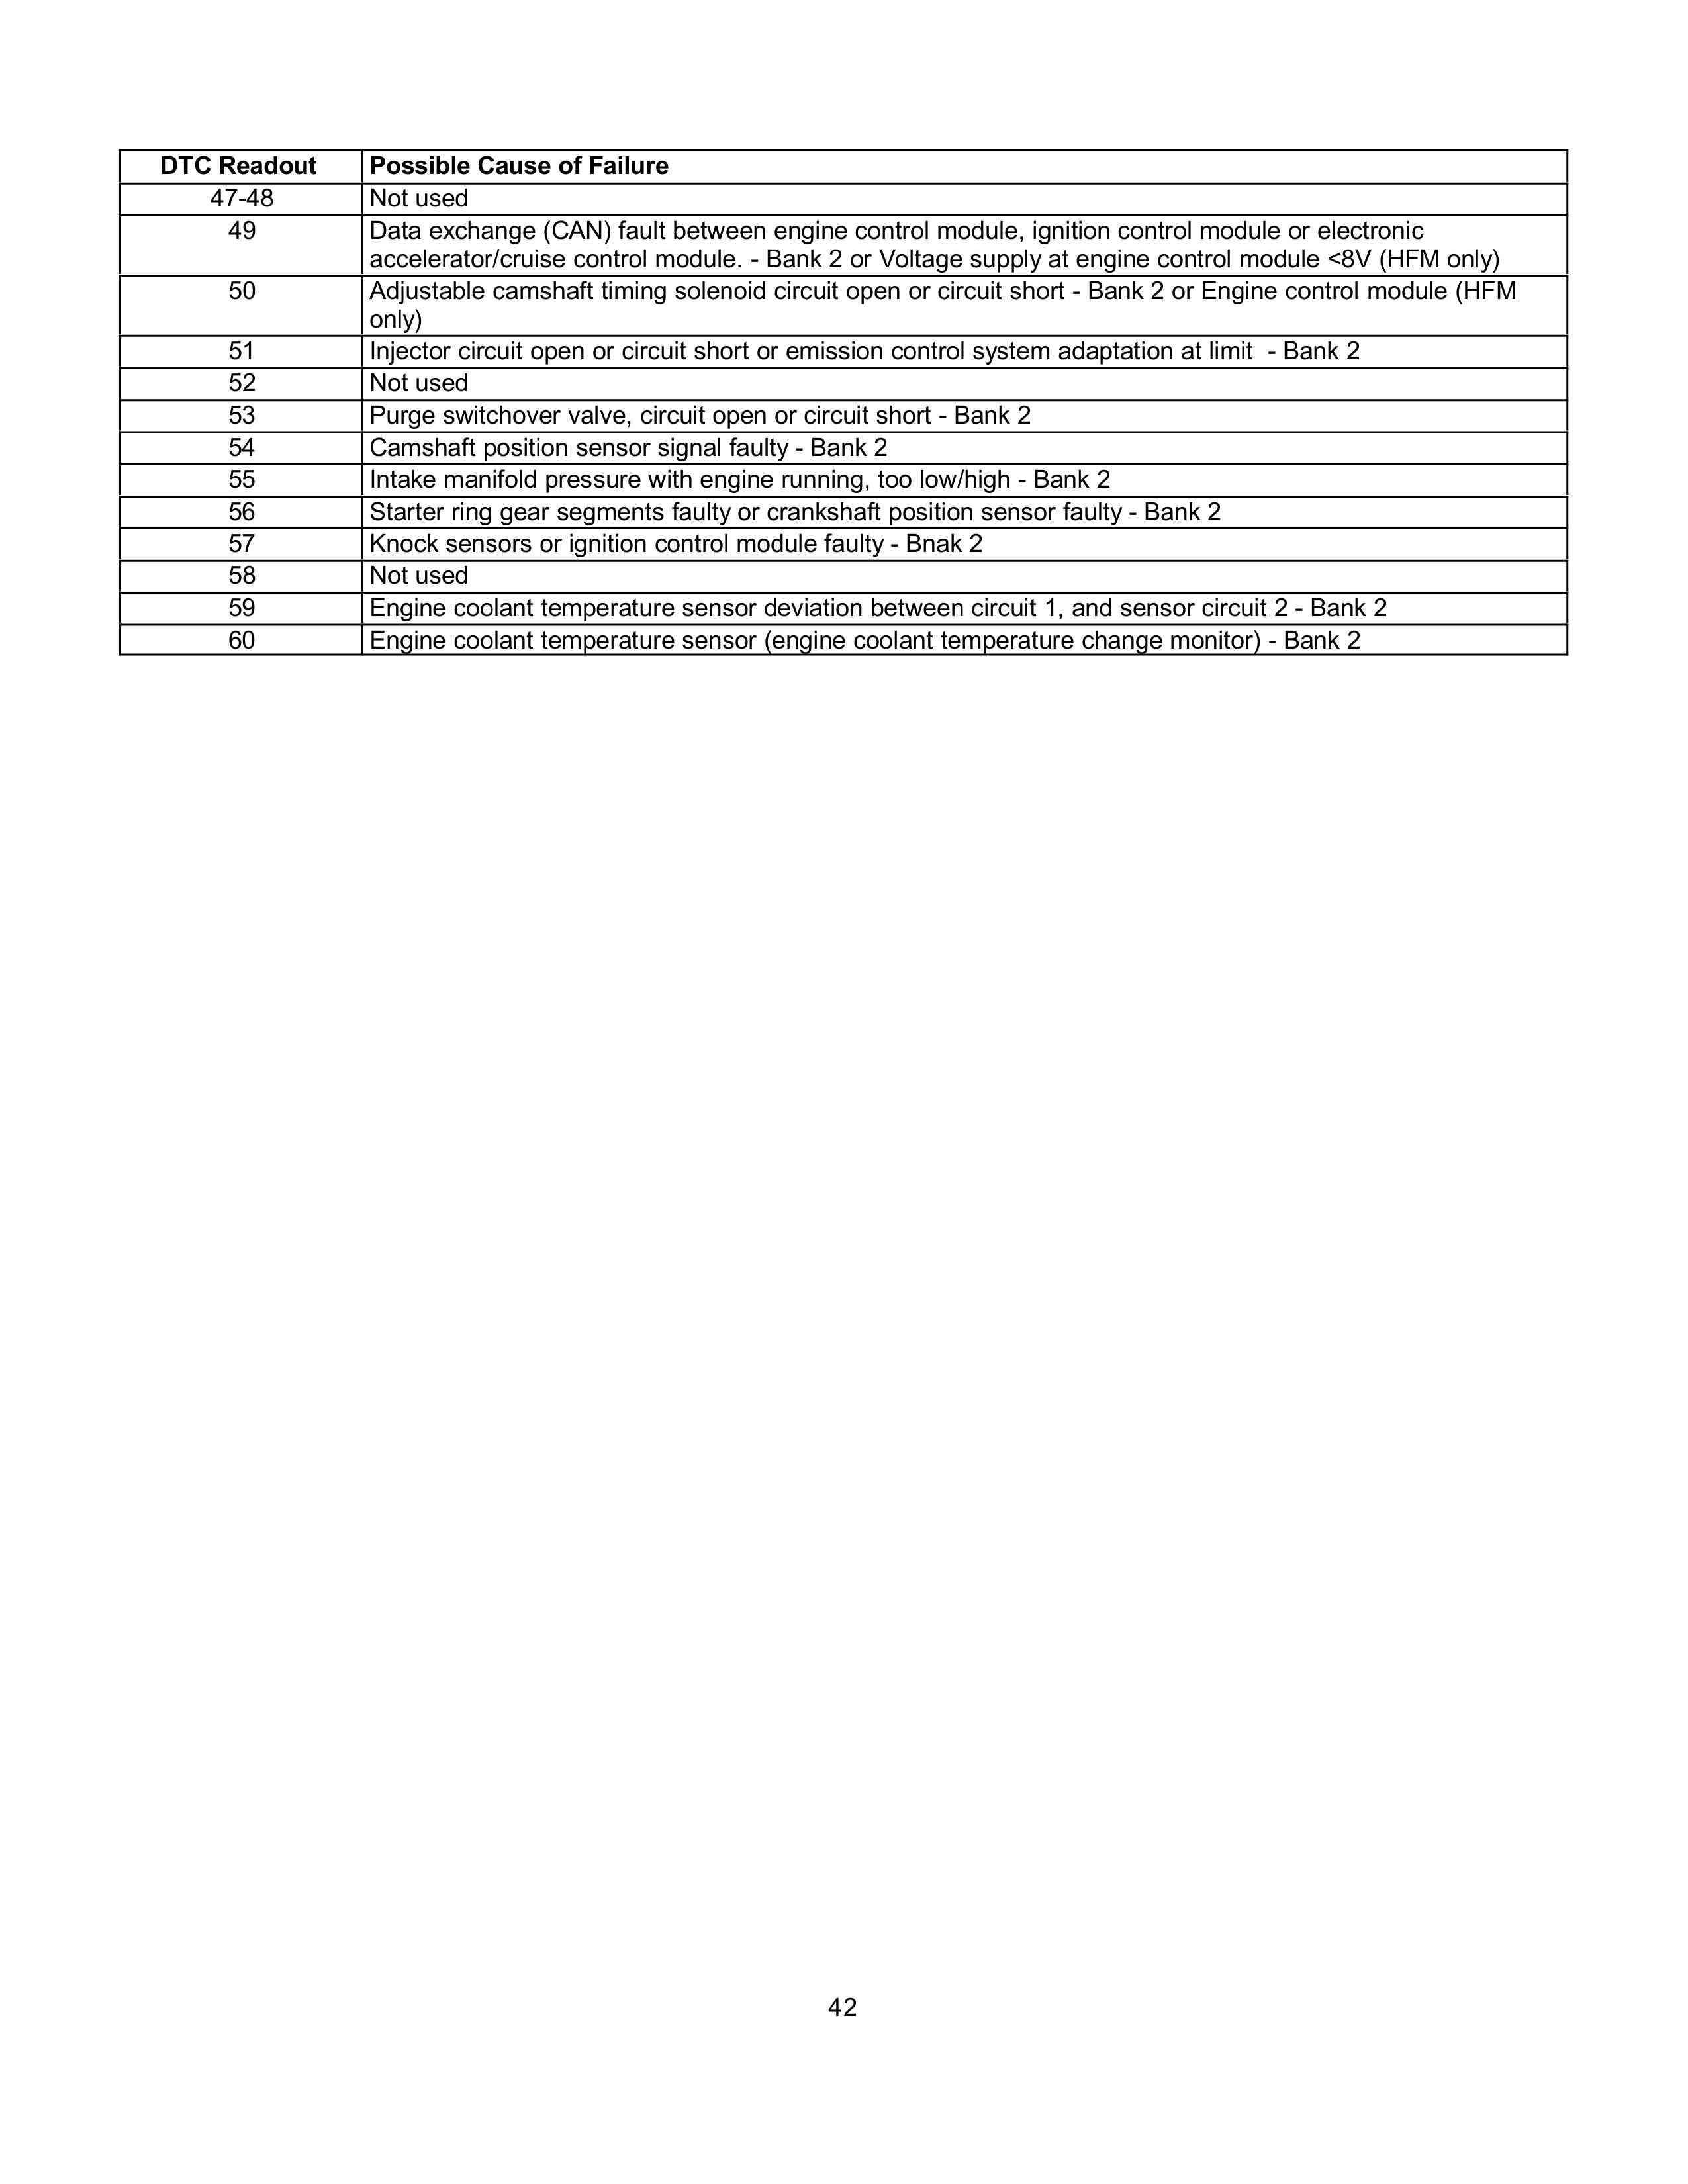 (AJUDA GERAL): Manual de códigos das falhas - analógico e digital - 1988 a 2000 004212